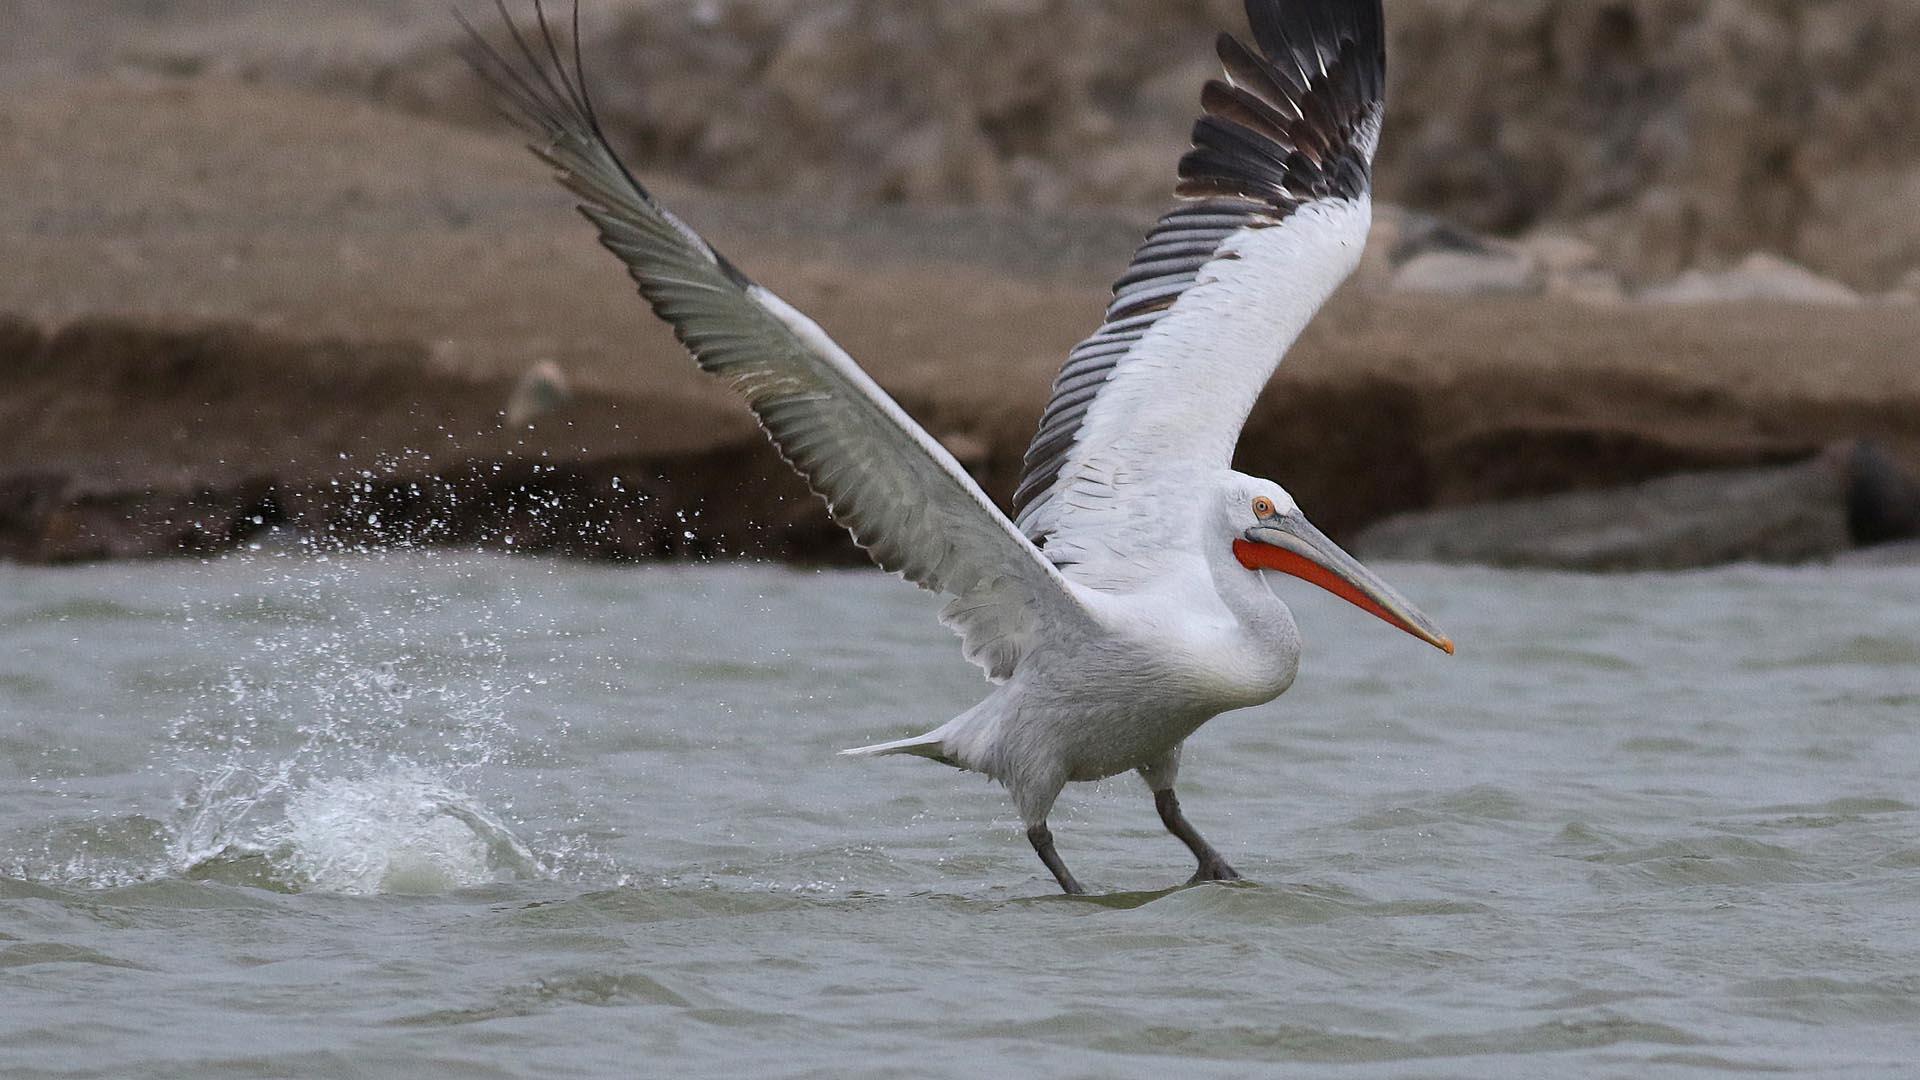 Dalmatian Pelican - Pelecanus crispus tum-eco tour tumeco tum eco gobi mongolia bird birdwatching